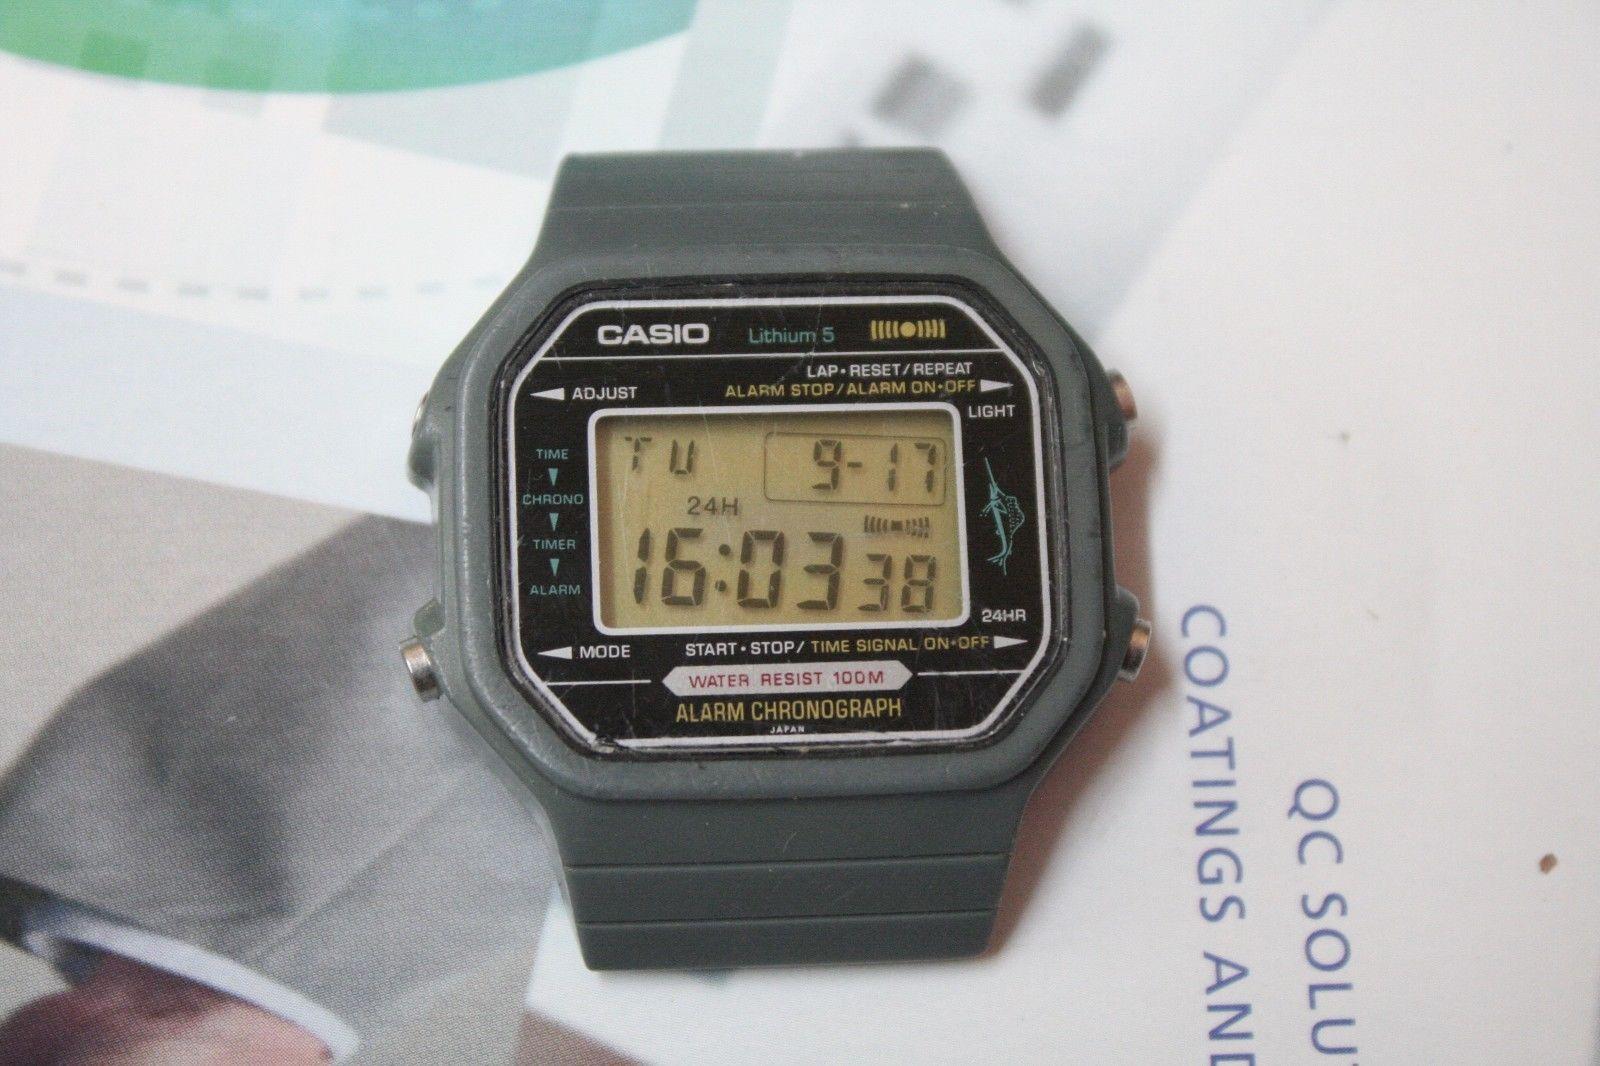 8bf5bd736221b VINTAGE CASIO 106 H110 MARLIN CHRONO ALARM LCD WATCH RARE!!!!!! #watch  #rare #alarm #chrono #casio #marlin #vintage